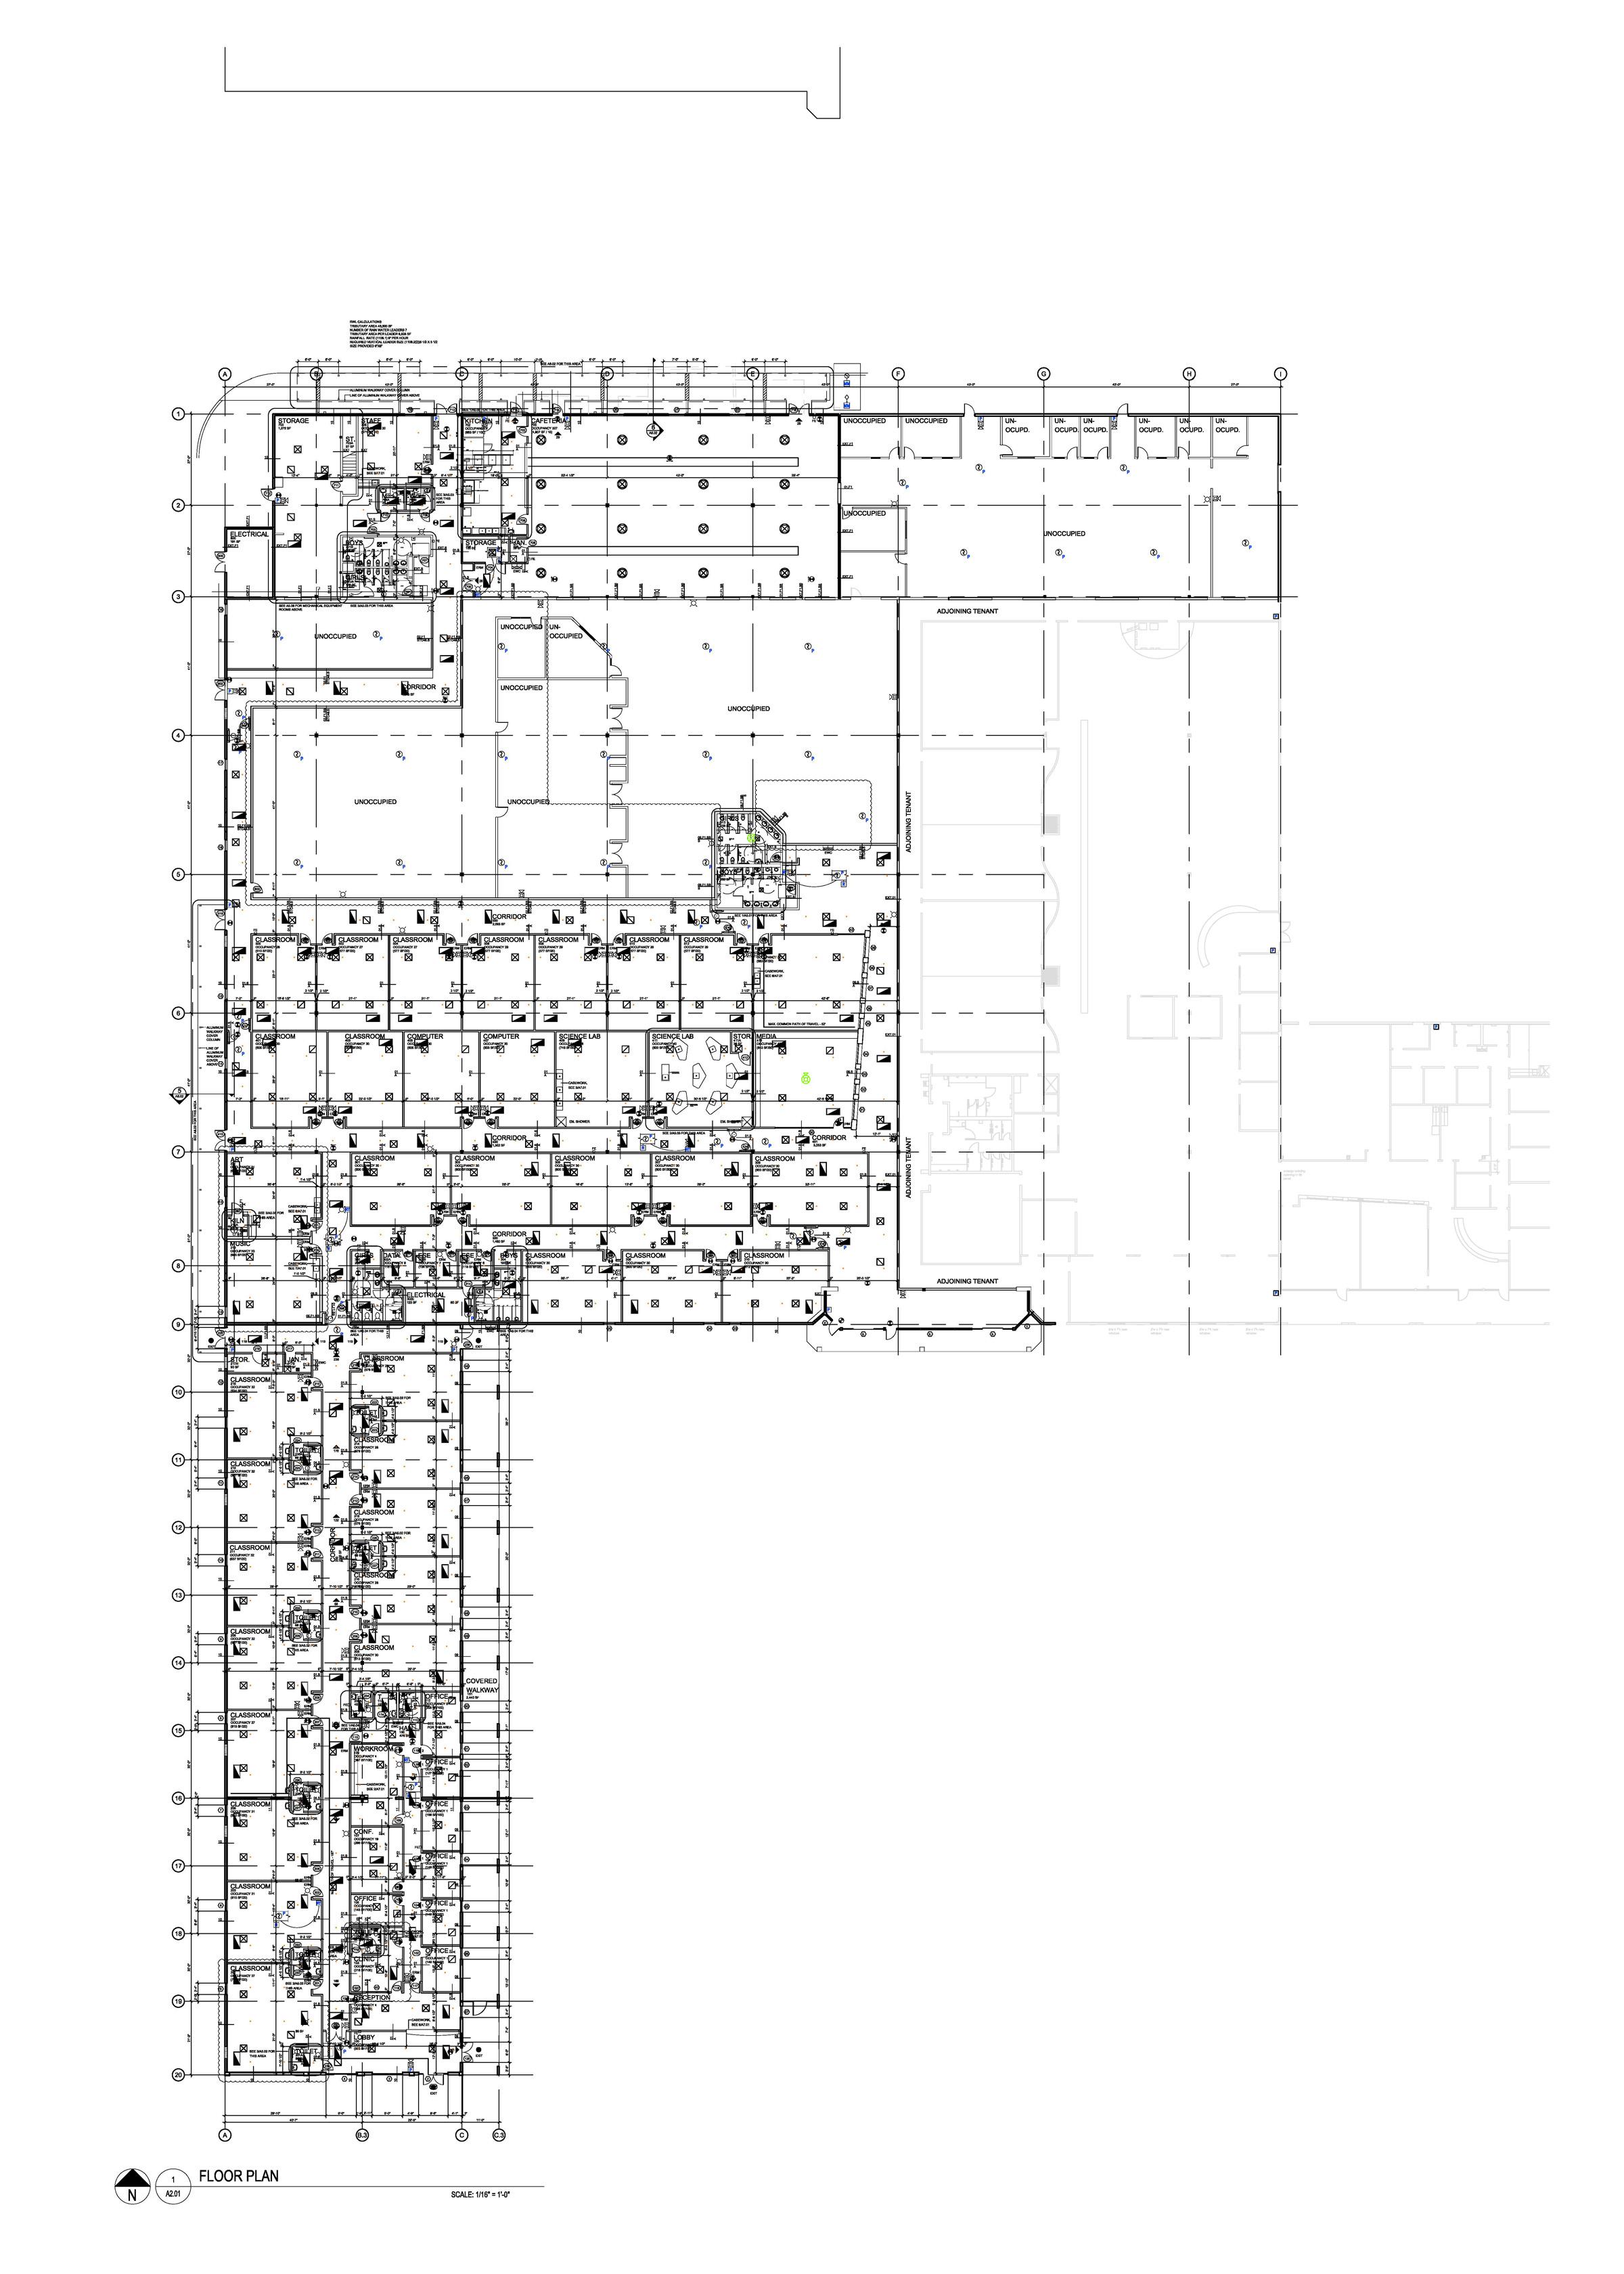 WBA Floor Plan 05.10.17